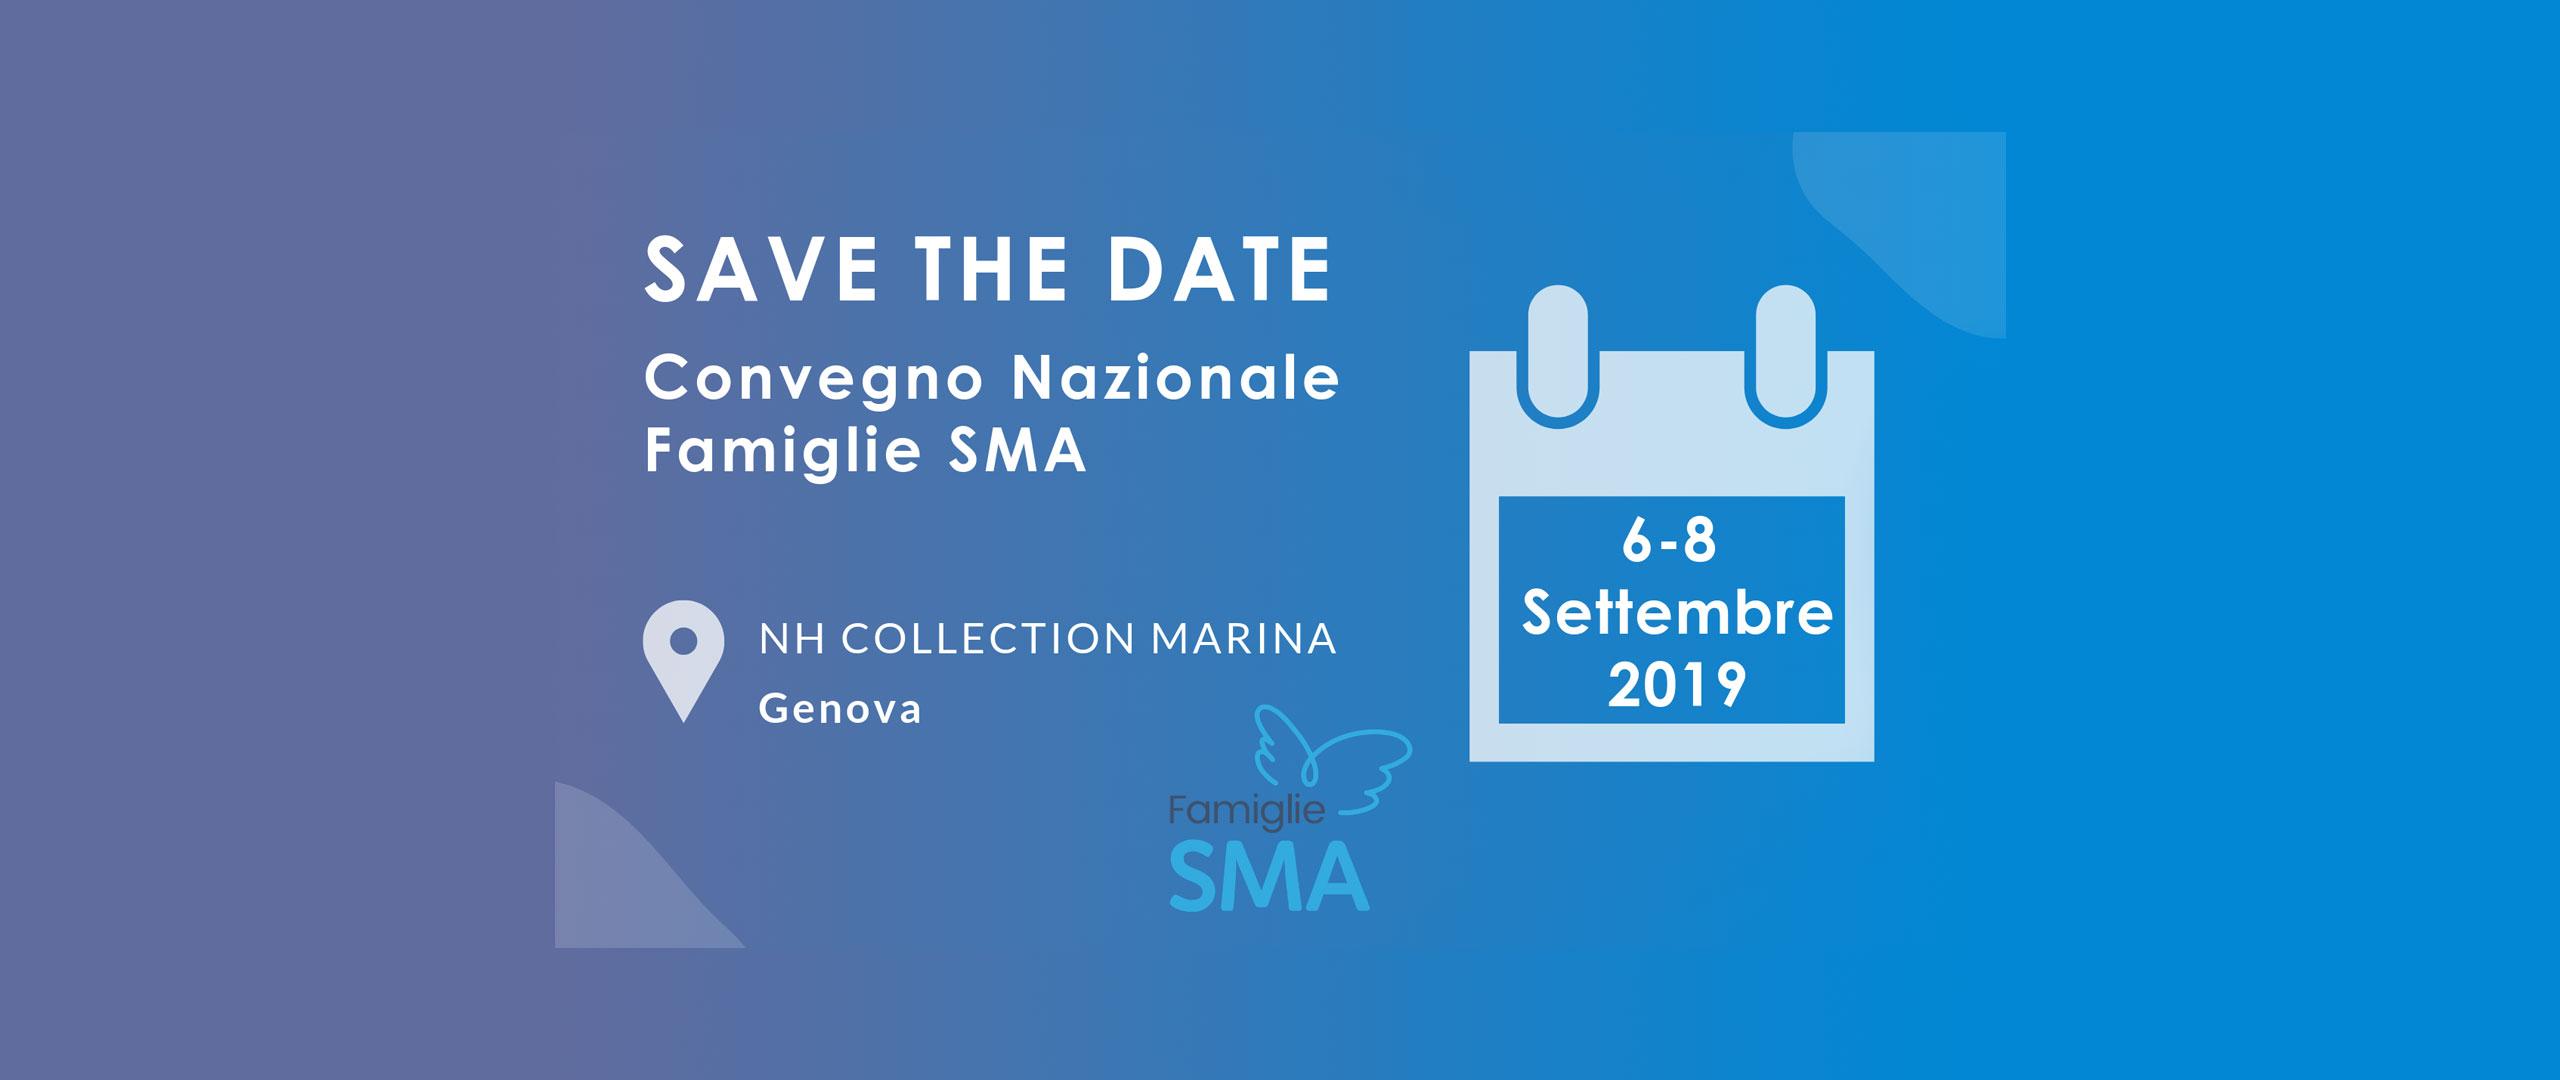 Convegno Famiglie SMA - 6-8 settembre 2019 - Genova